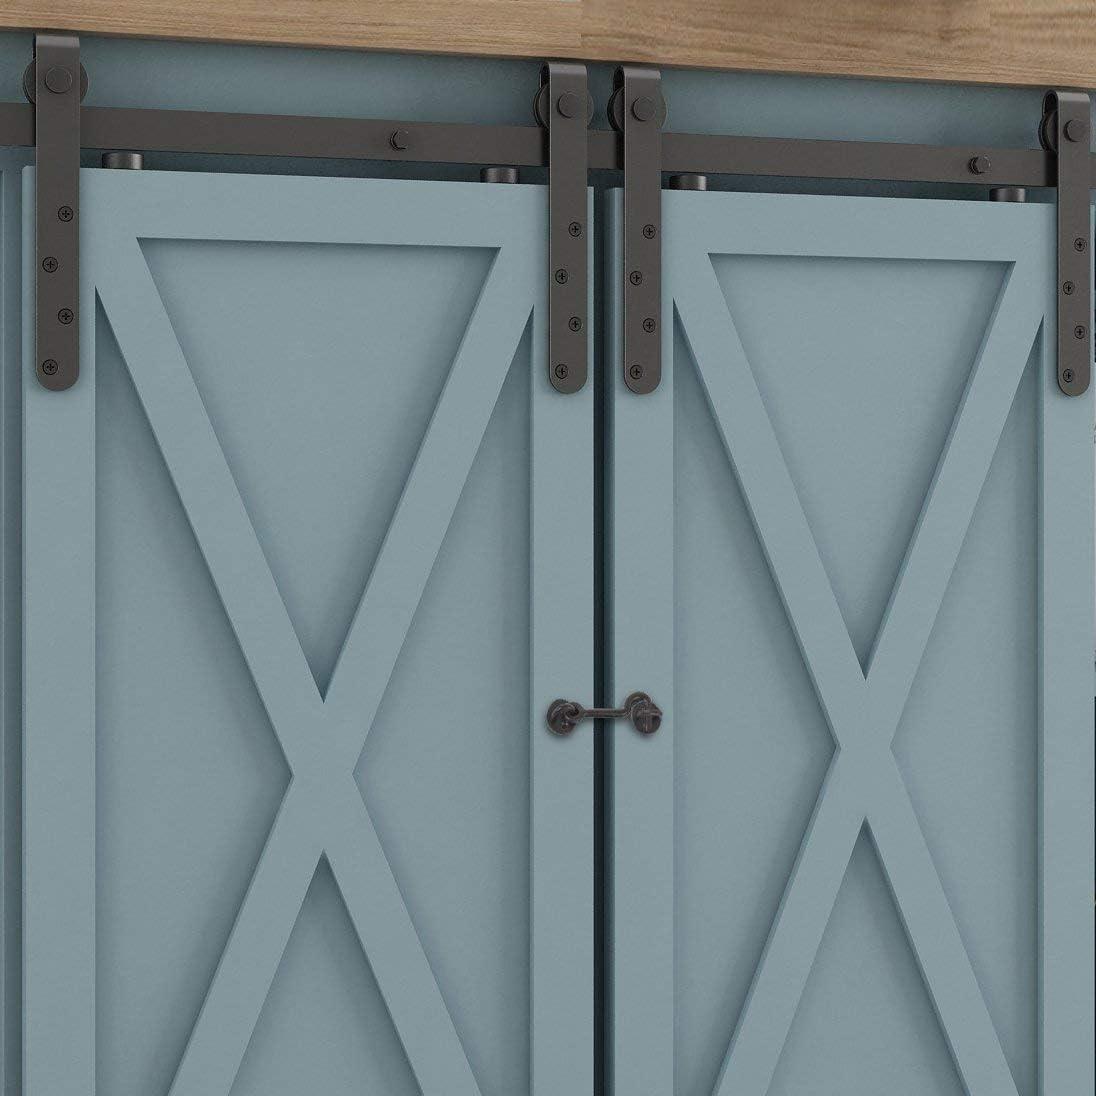 Pestillo para puerta de barno, La Vane rústico vintage de acero inoxidable con gancho y cierre de ojo para puerta corredera garaje cobertizo: Amazon.es: Bricolaje y herramientas